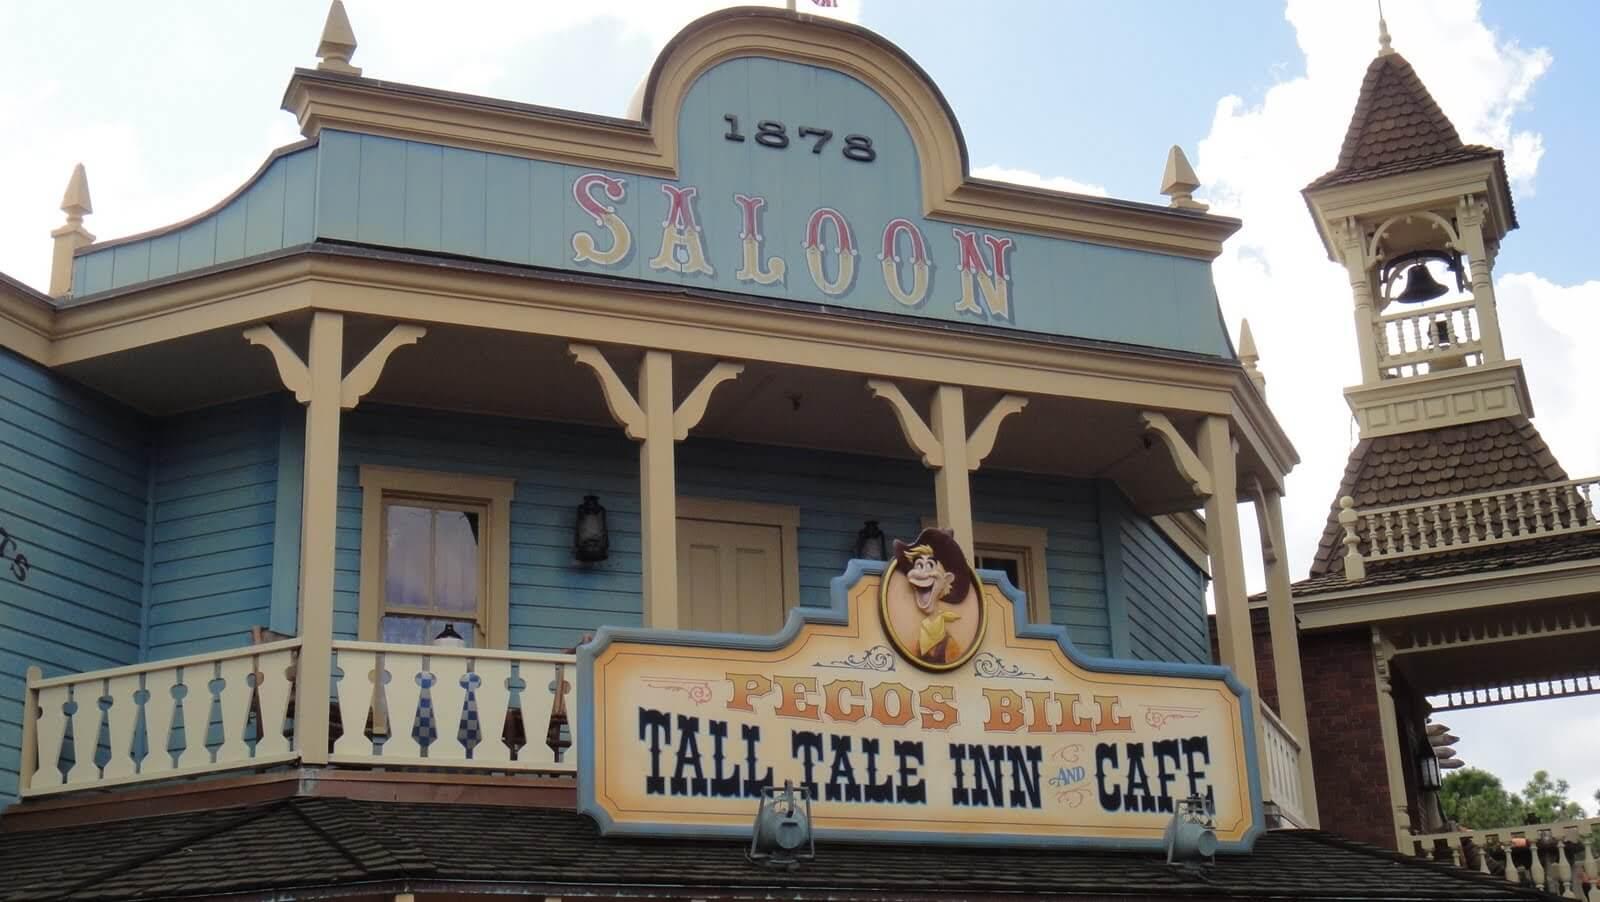 Pecos Bill Tall Tale Inn Cafe